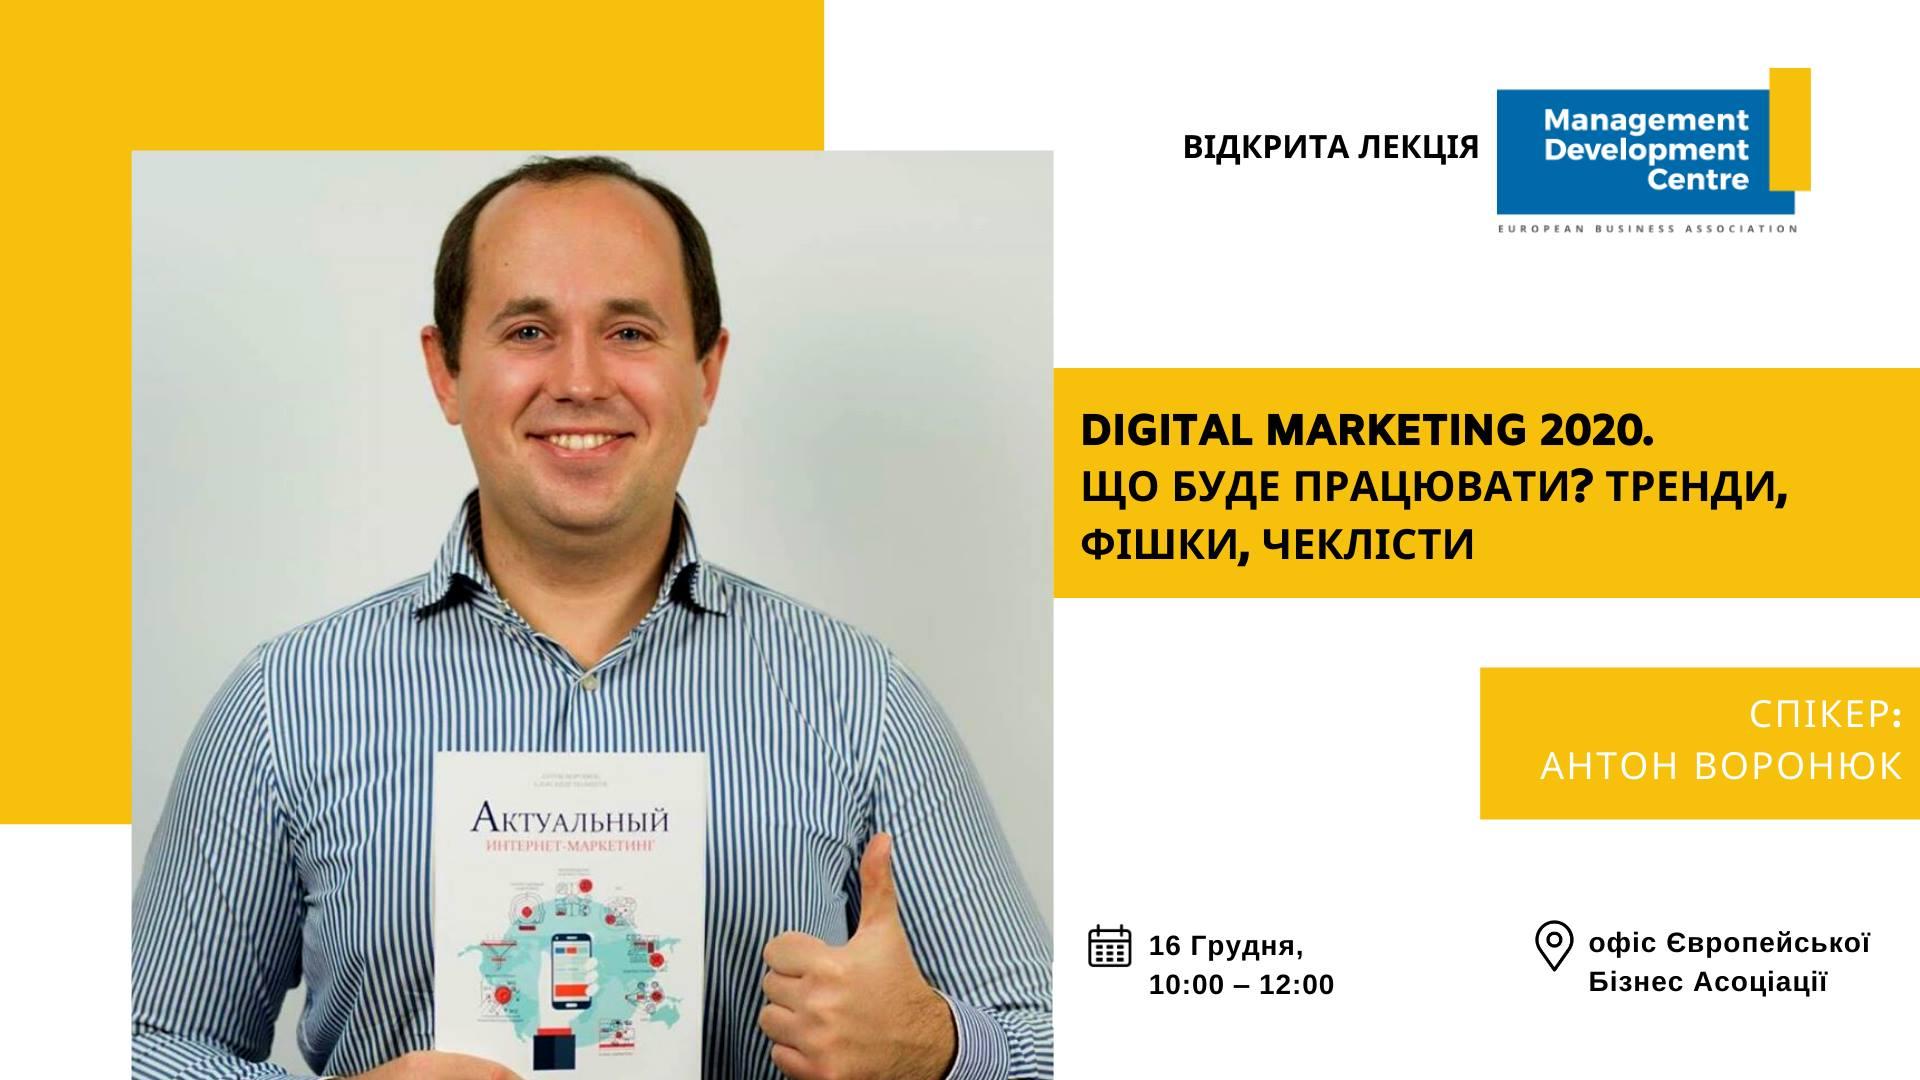 Digital Marketing 2020. Що буде працювати? Тренди, фішки